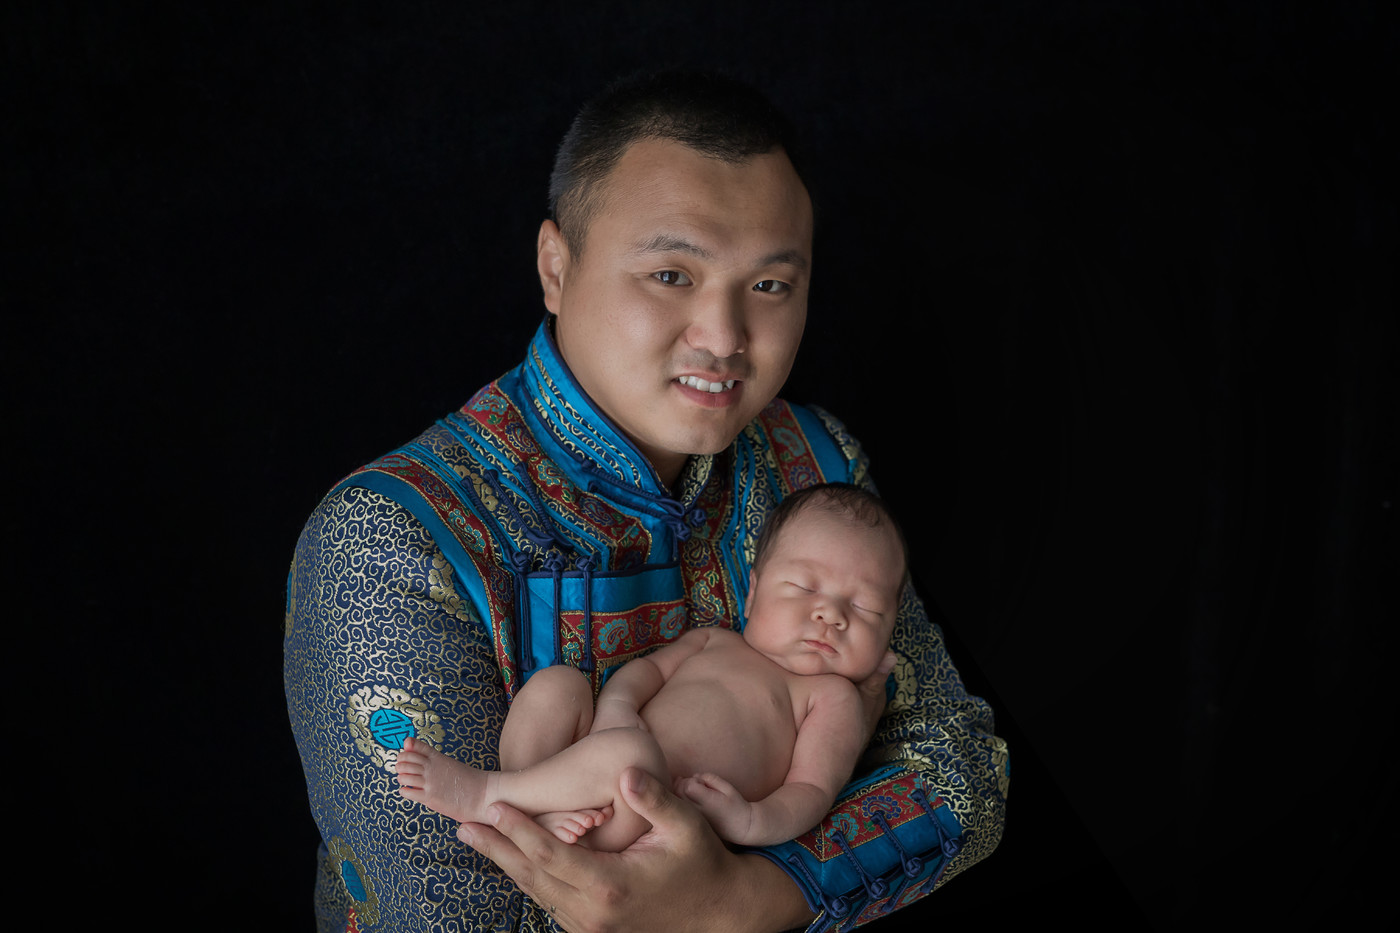 #蒙古族的宏格尔#新生儿客片欣赏20